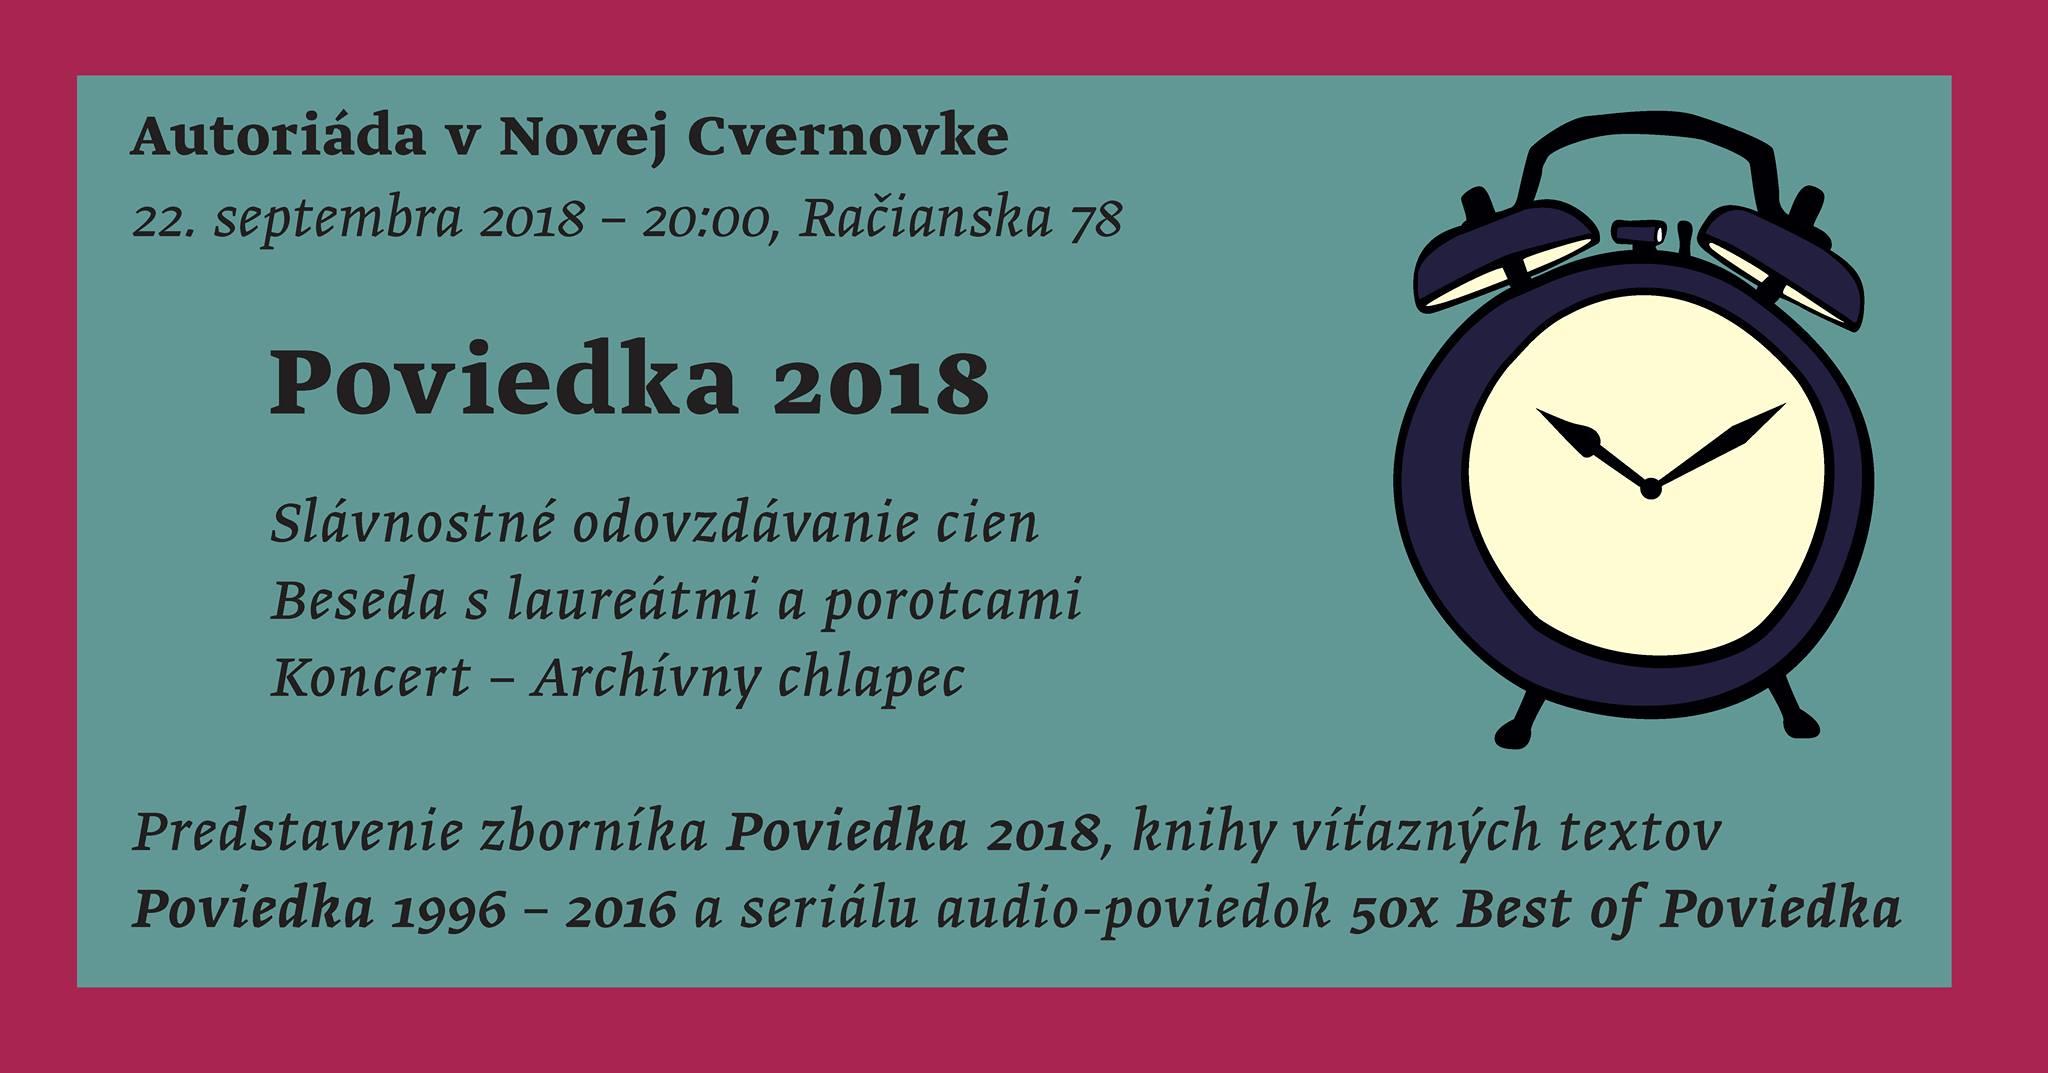 poviedka 2018 cvernovka